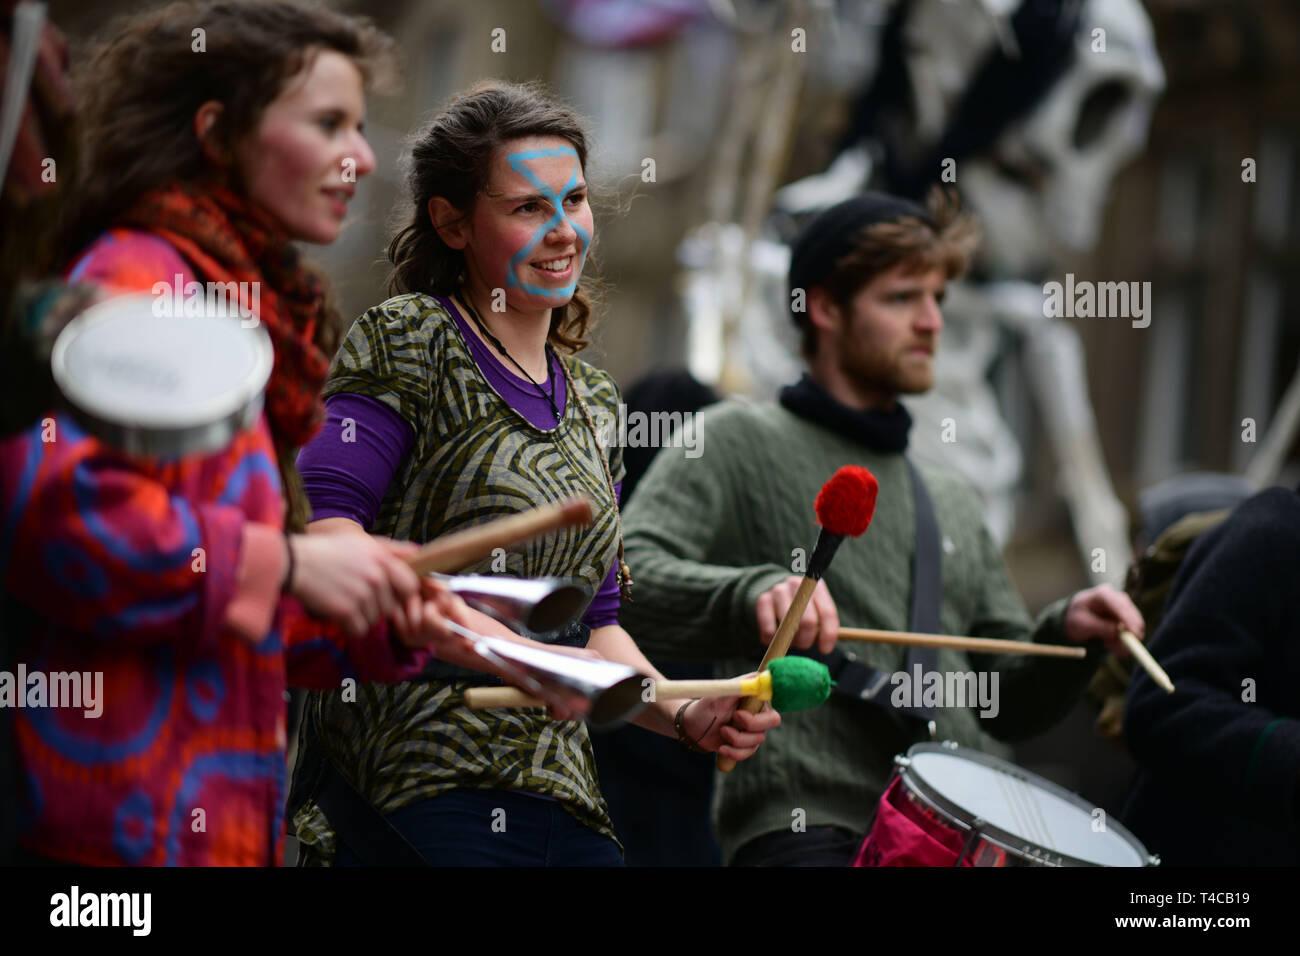 Paris le 16 avril 2019; Rébellion Extinction bloc au nord pont dans le centre de la ville pour protester contre le réchauffement climatique. Crédit: Steven Scott Taylor/Alamy Live News Banque D'Images